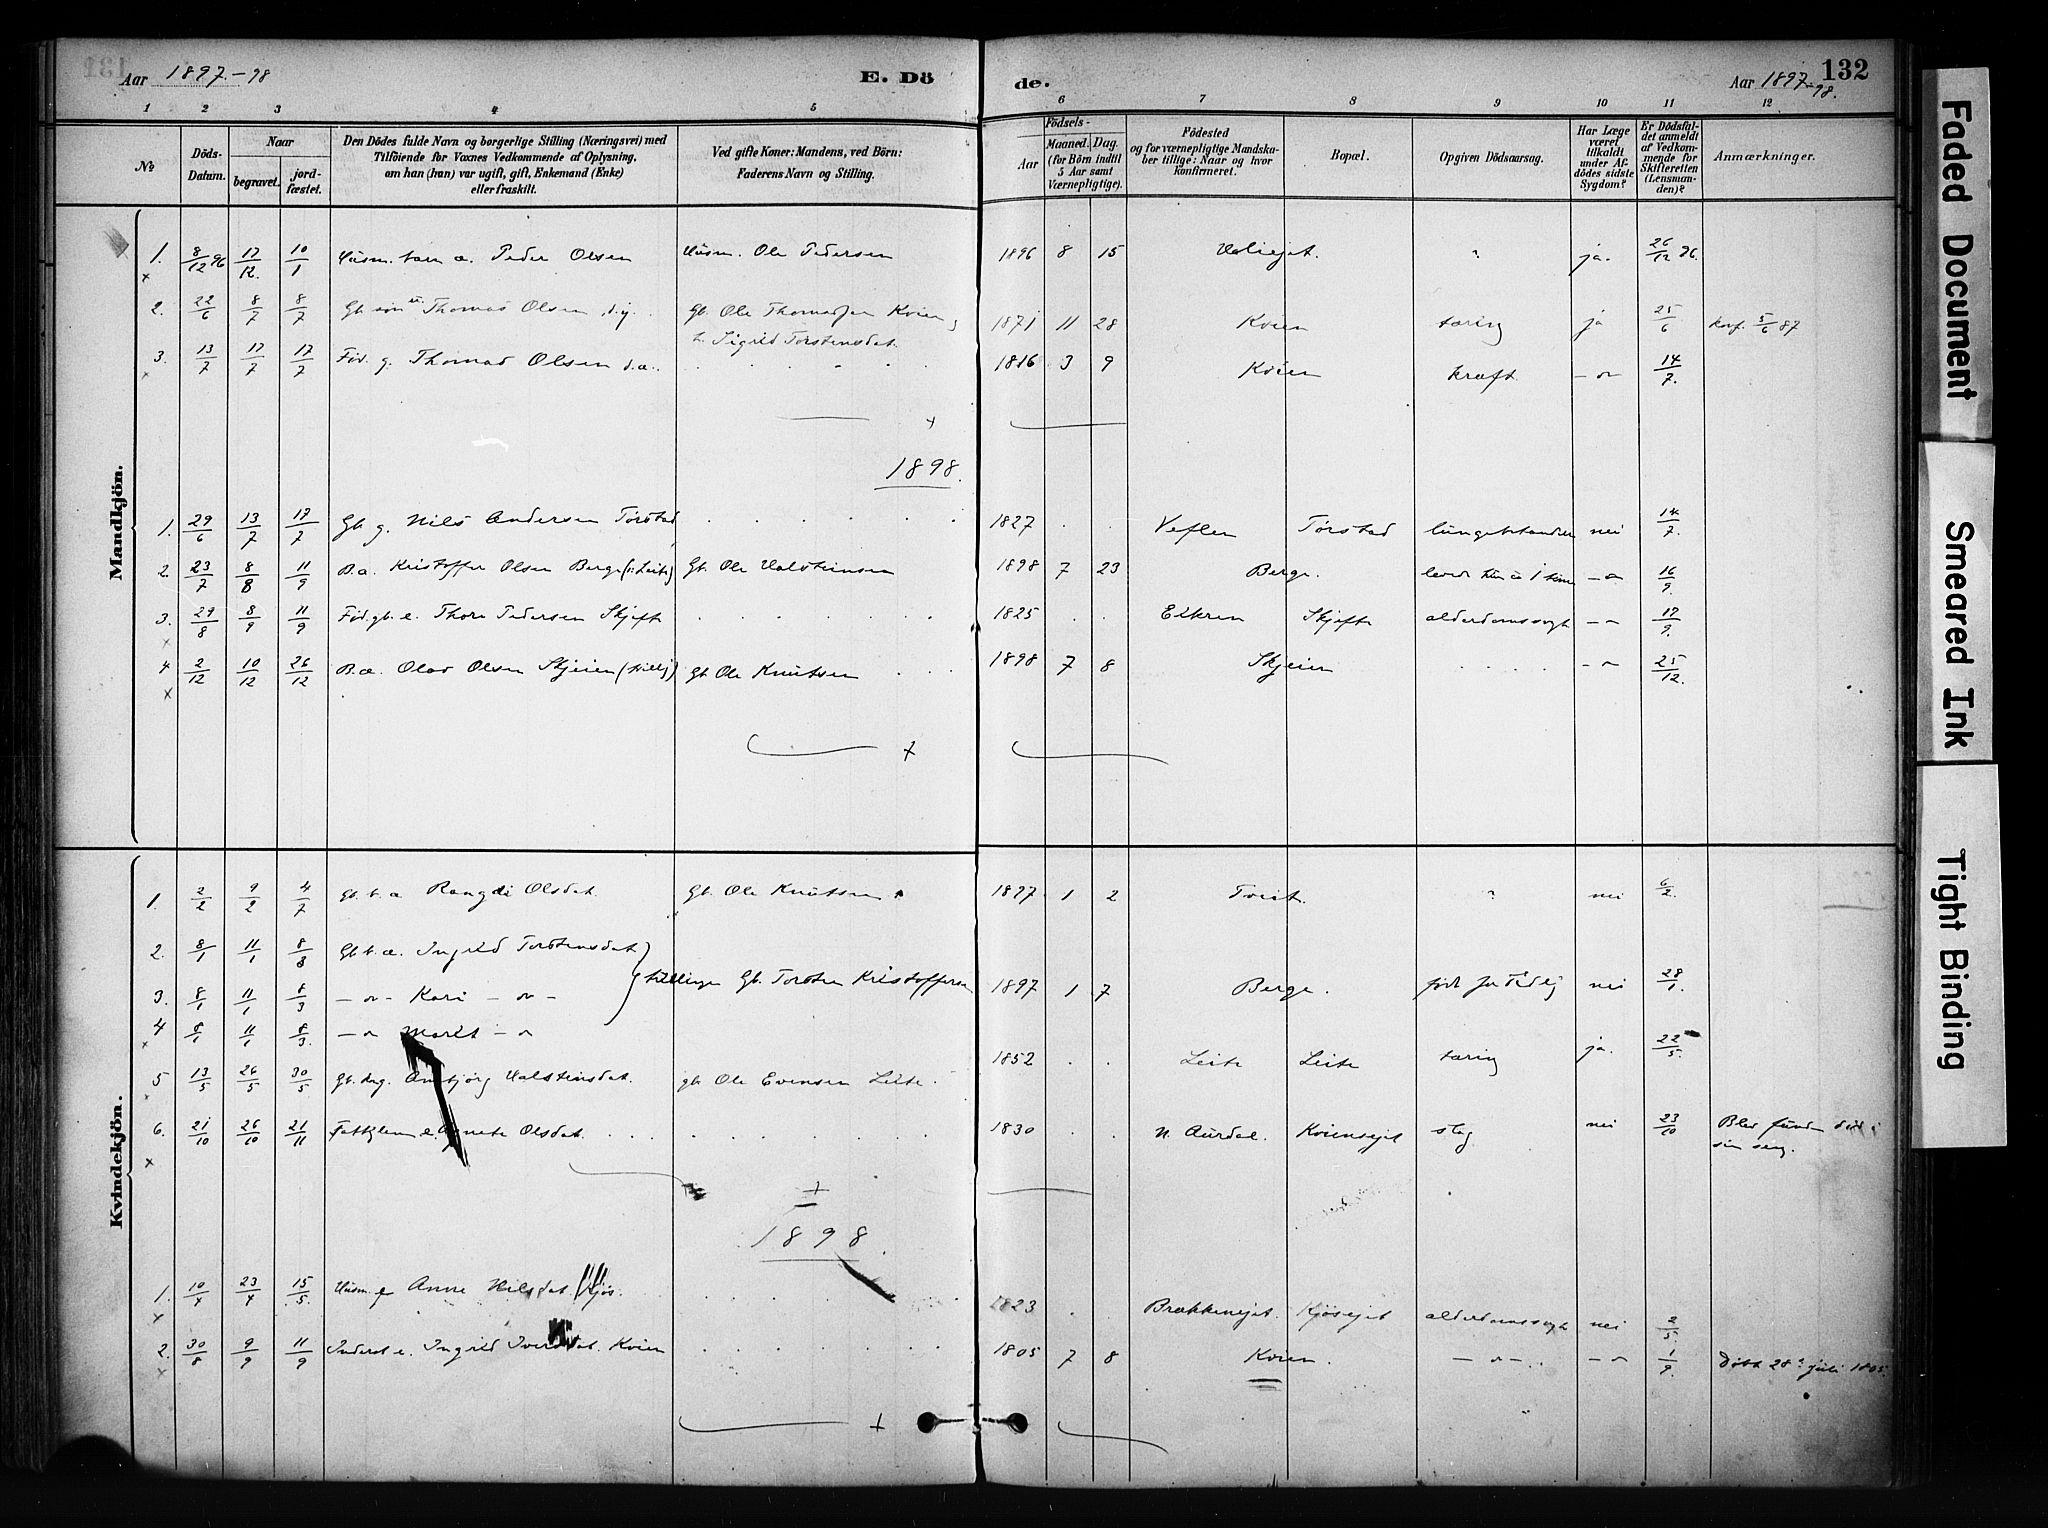 SAH, Vang prestekontor, Valdres, Ministerialbok nr. 9, 1882-1914, s. 132